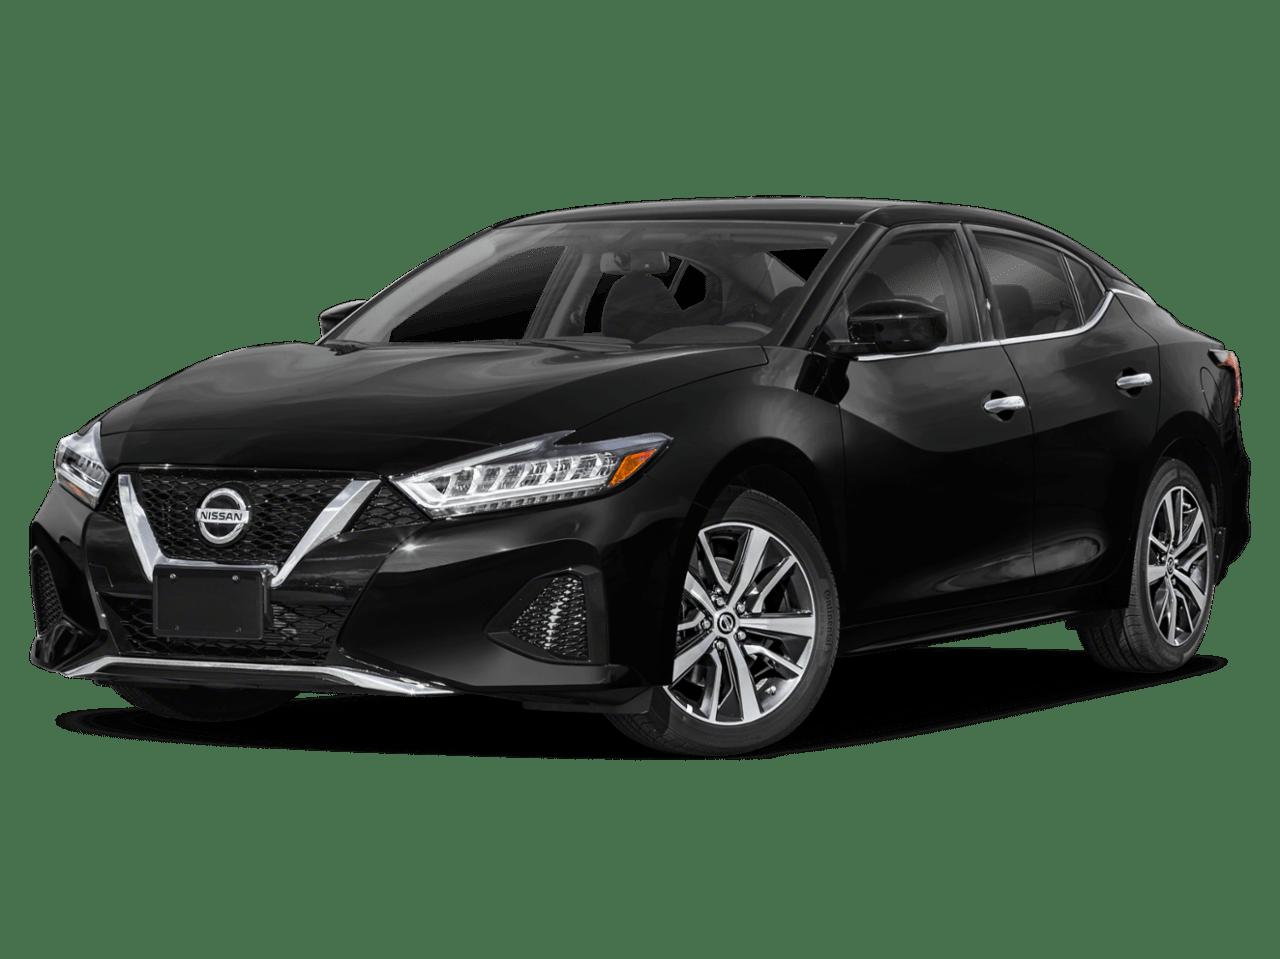 2019_Nissan_Maxima_Big